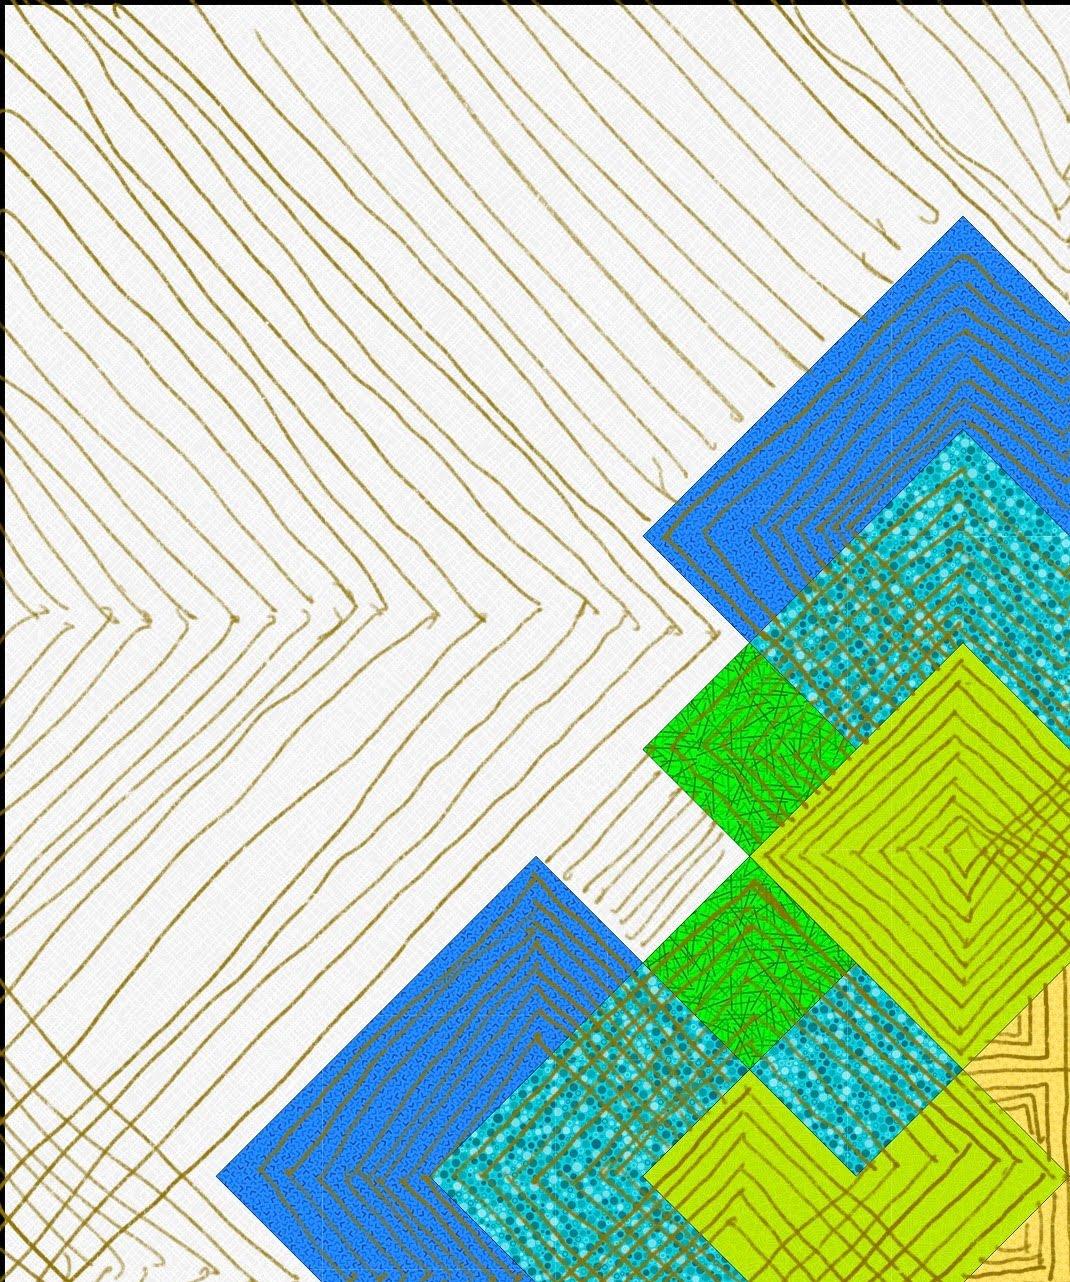 Planview Quilting Plan - Upper Left Quadrant